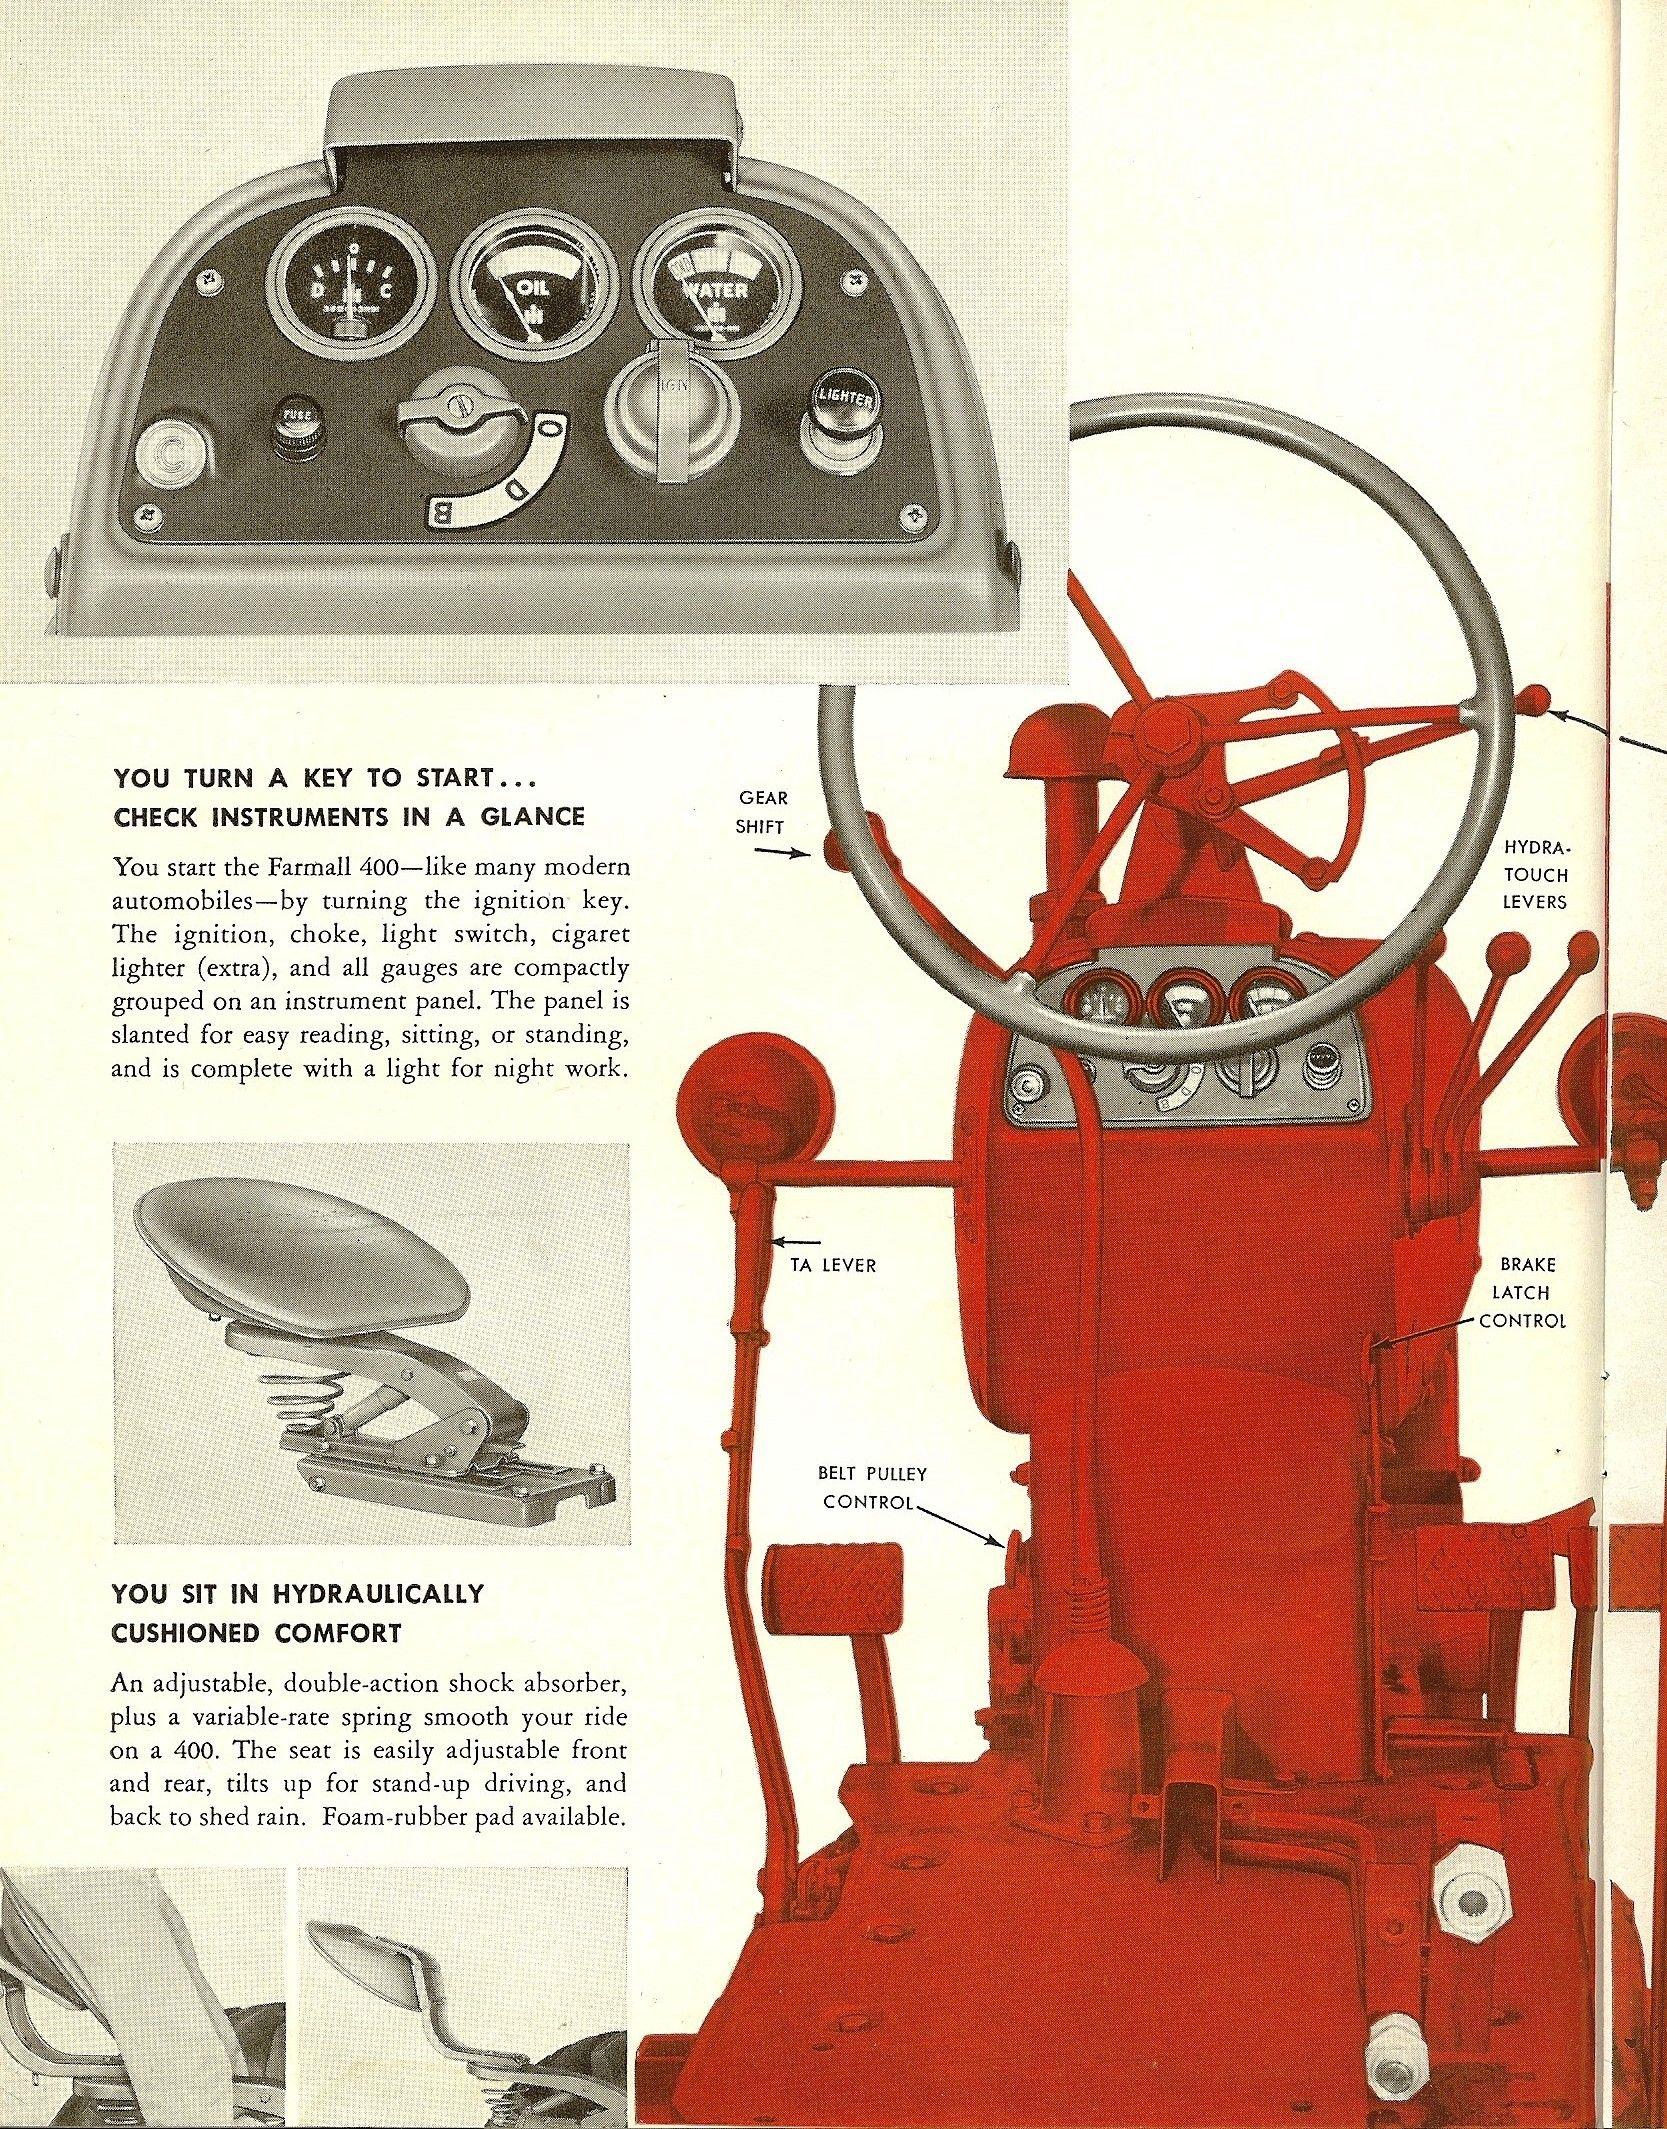 1955 farmall cub wiring diagram 1955 farmall cub tractor